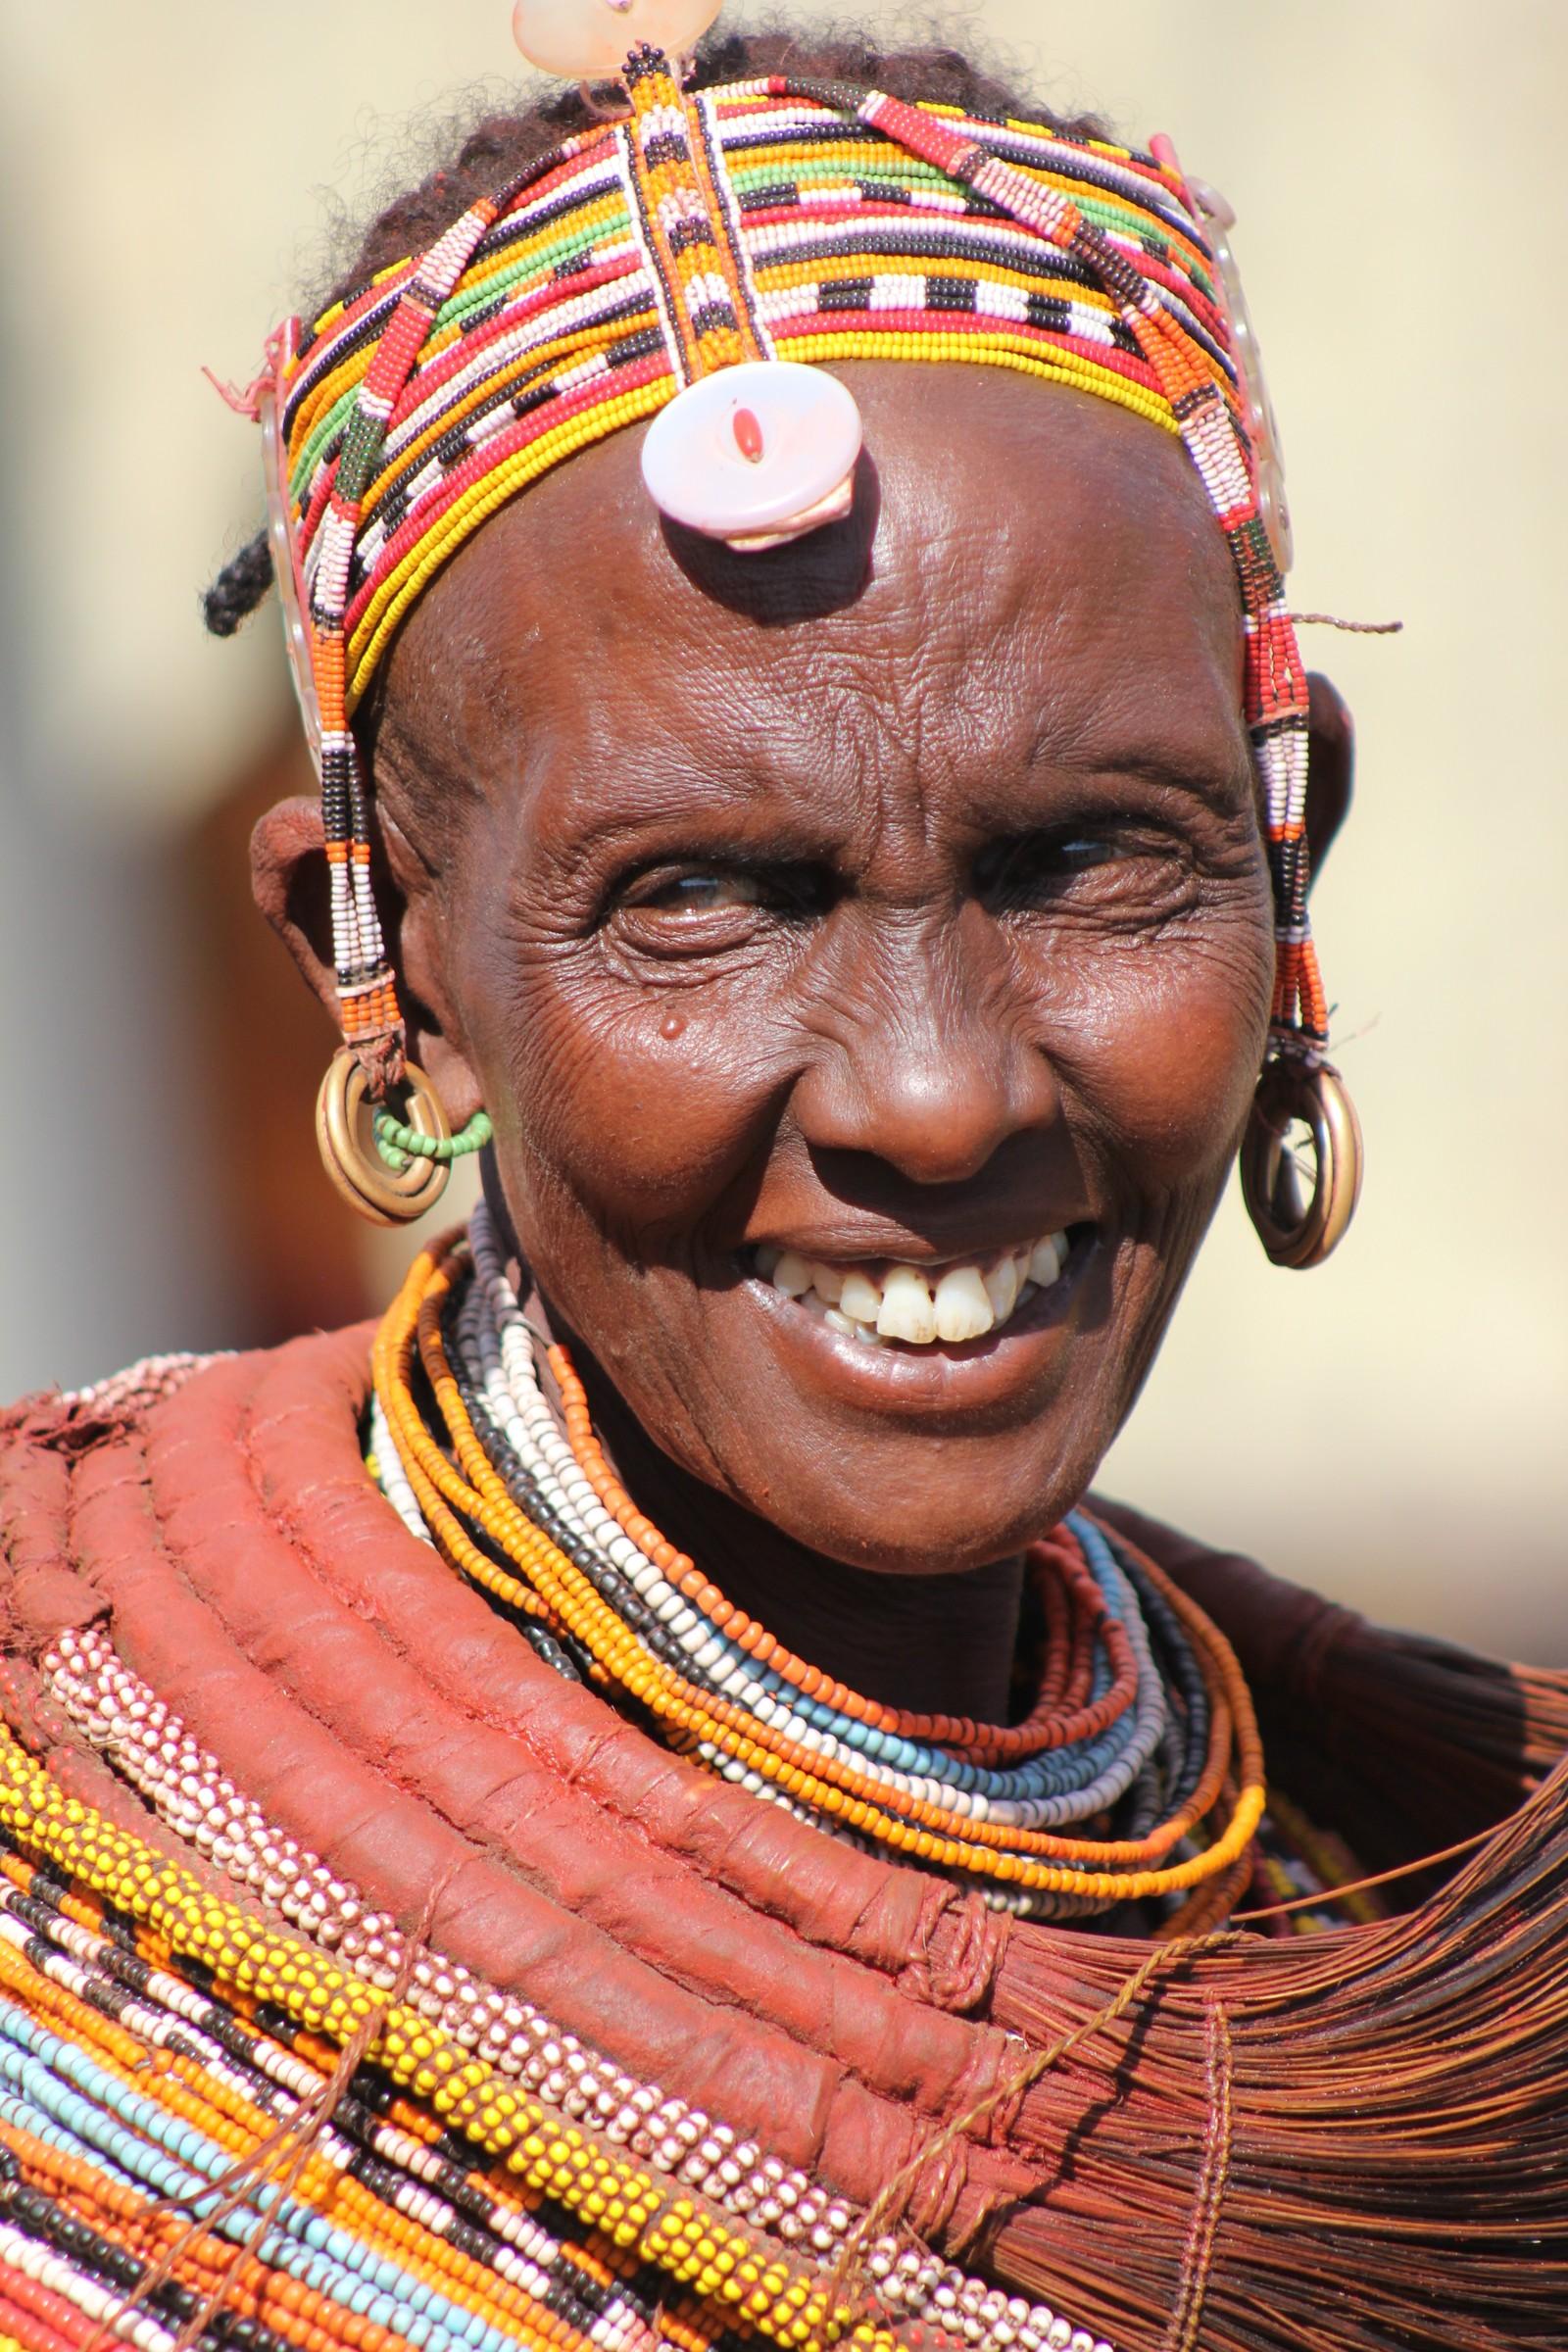 Ringene av lær rundt halsen er laget av geiteskinn og symboliserer at kvinnen er gift.